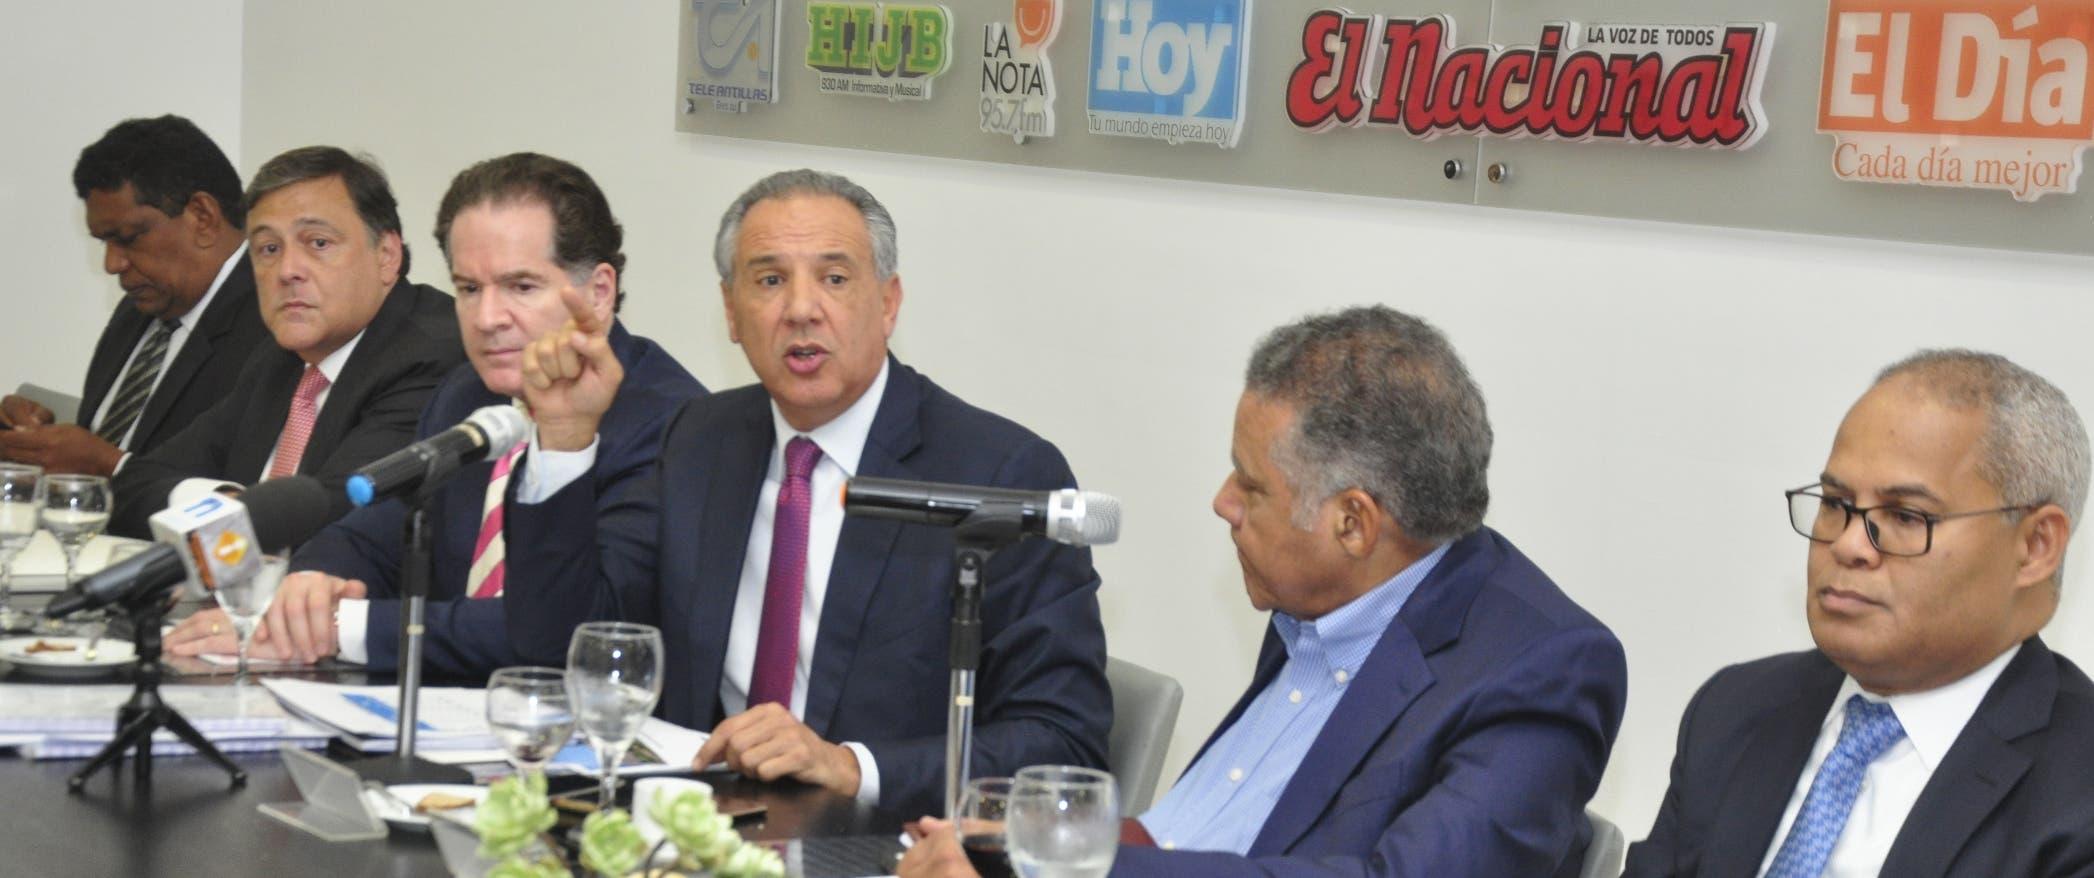 Luis García, Lionel Sénior,  José Manuel Corripio,  José Ramón Peralta, Juan Bolívar Díaz y Alexis Lantigua,  en uno de los momentos del almuerzo. Pablo matos.